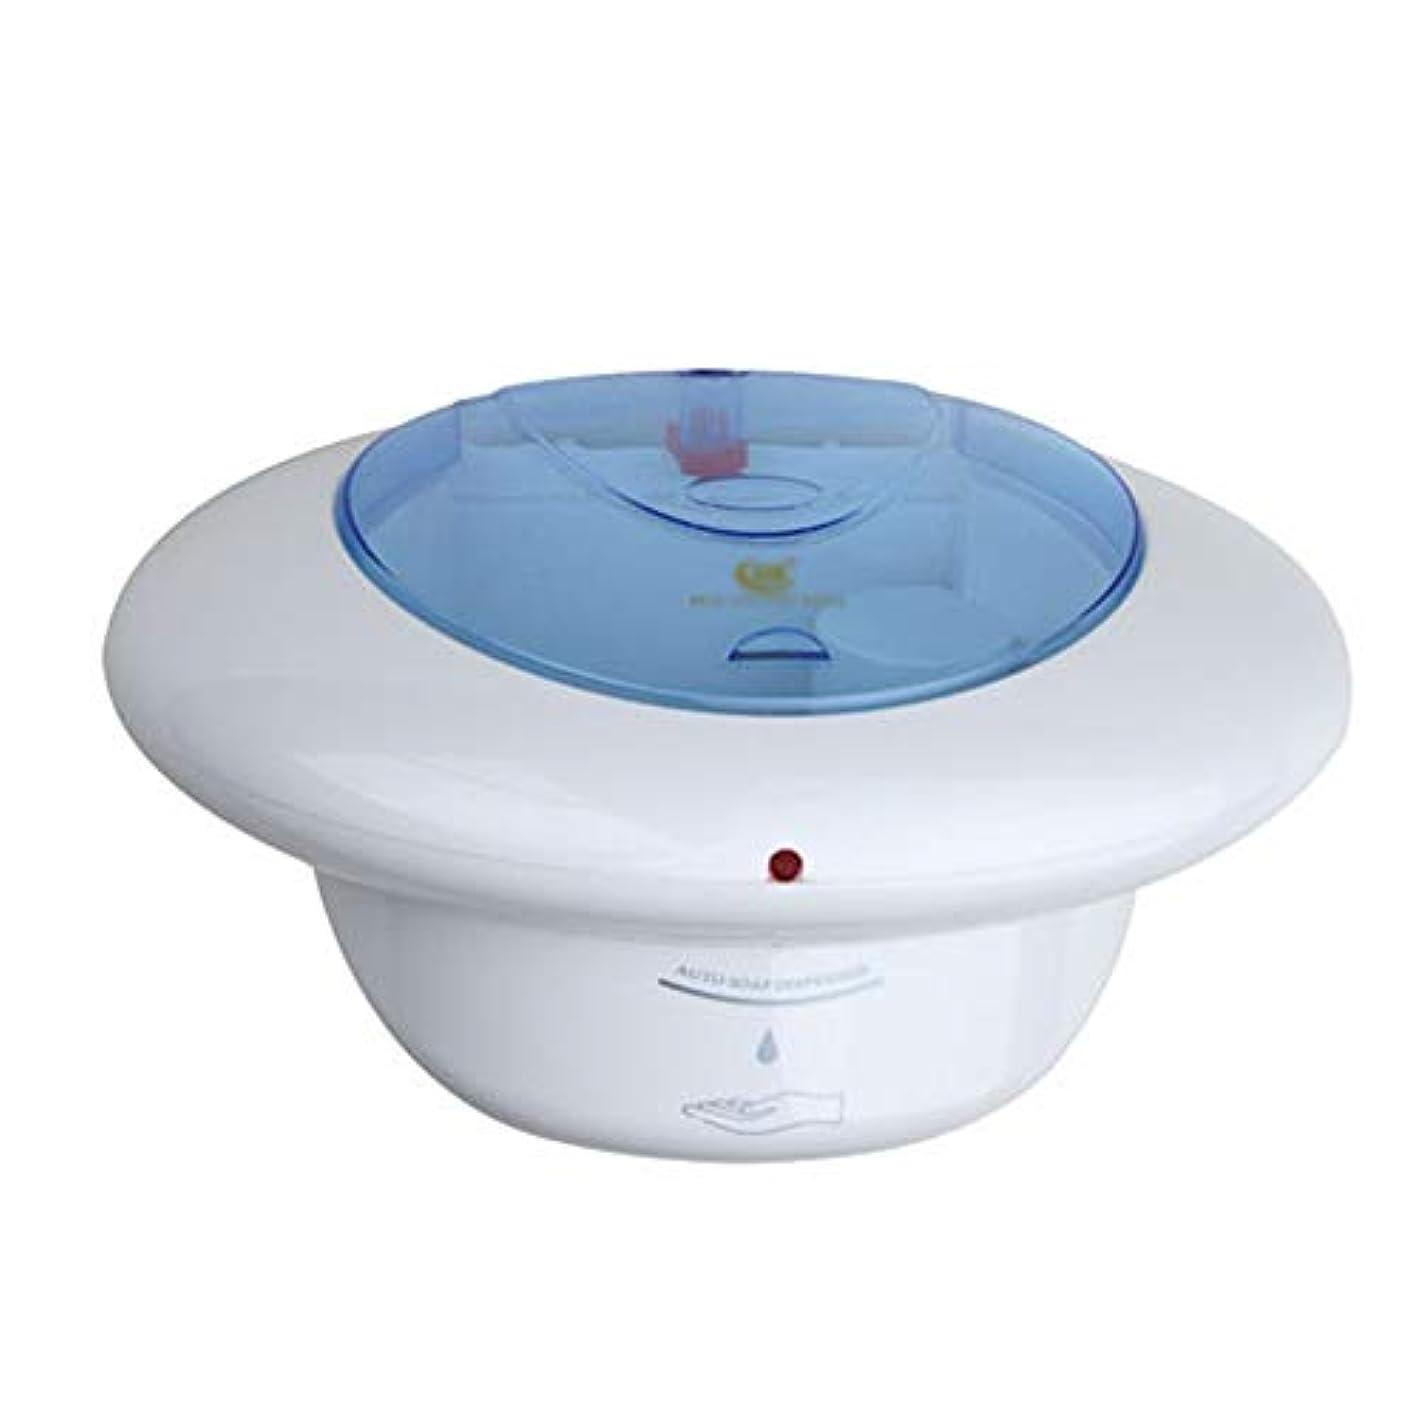 マットレス警報乳製品ソープディスペンサー 700mlの容量赤外線検出壁掛け自動ソープディスペンサー ハンドソープ 食器用洗剤 キッチン 洗面所などに適用 (Color : White, Size : One size)